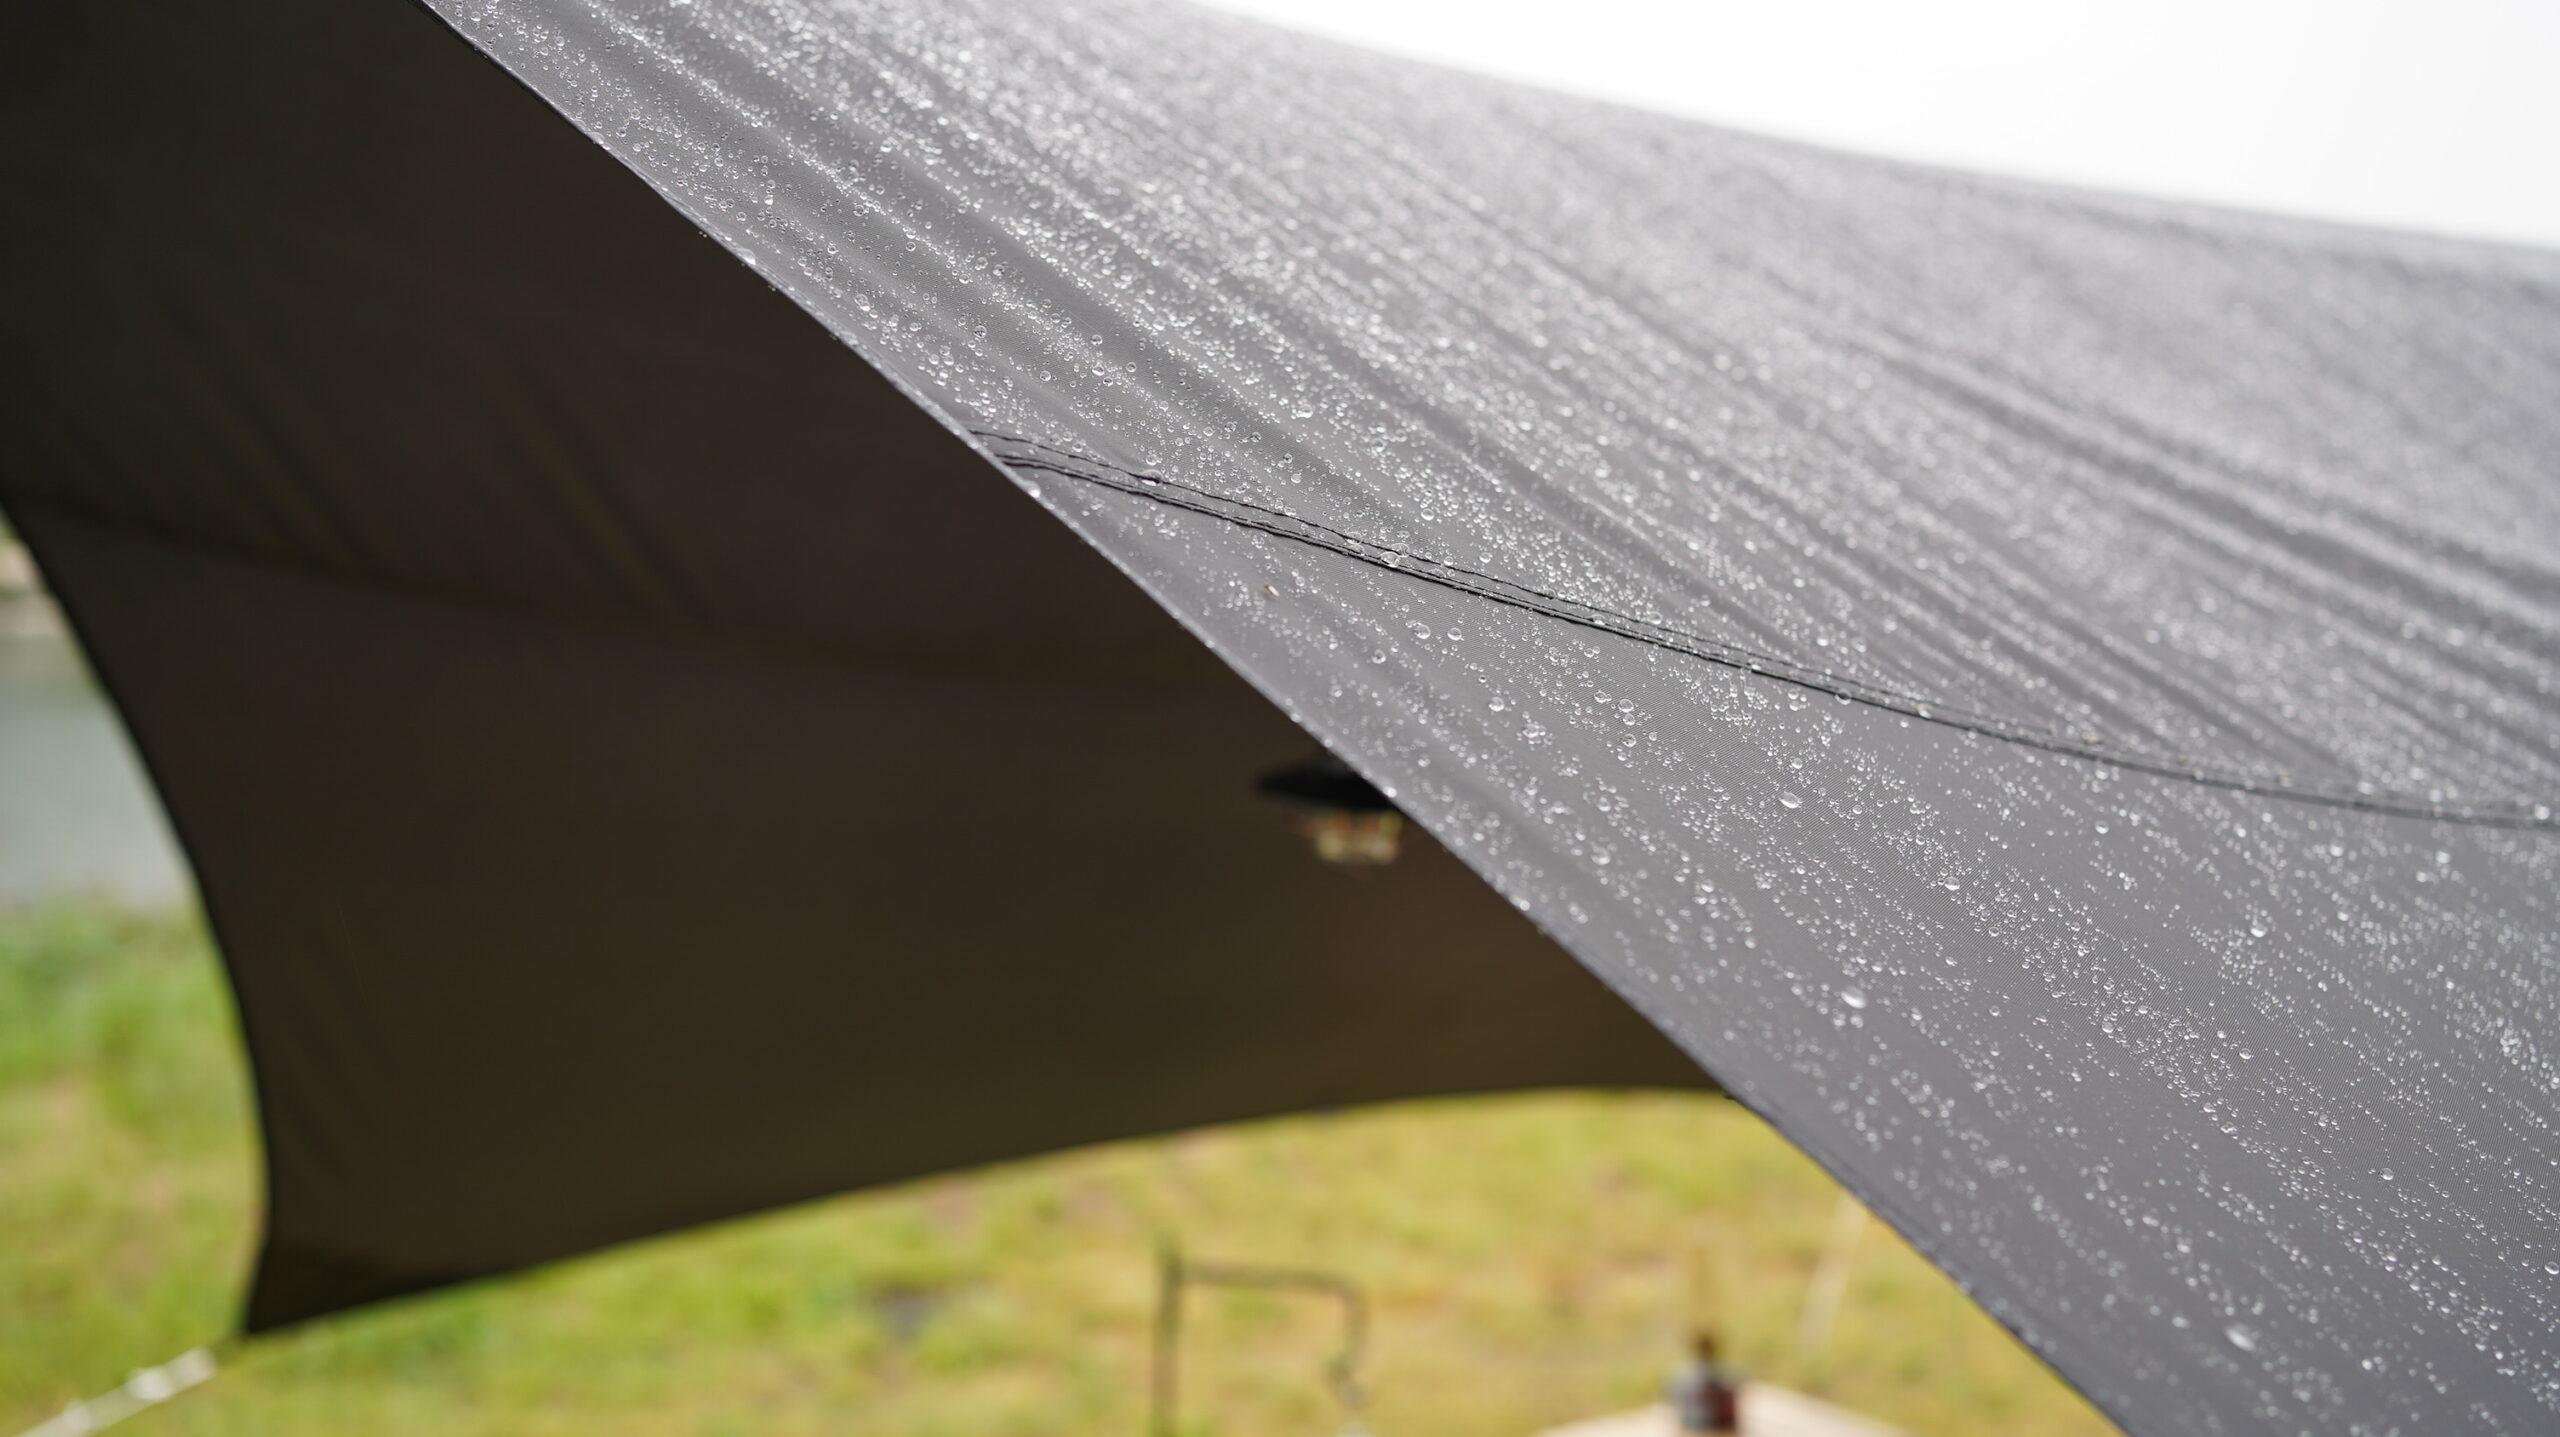 雨キャンプは最悪?楽しみ方は?